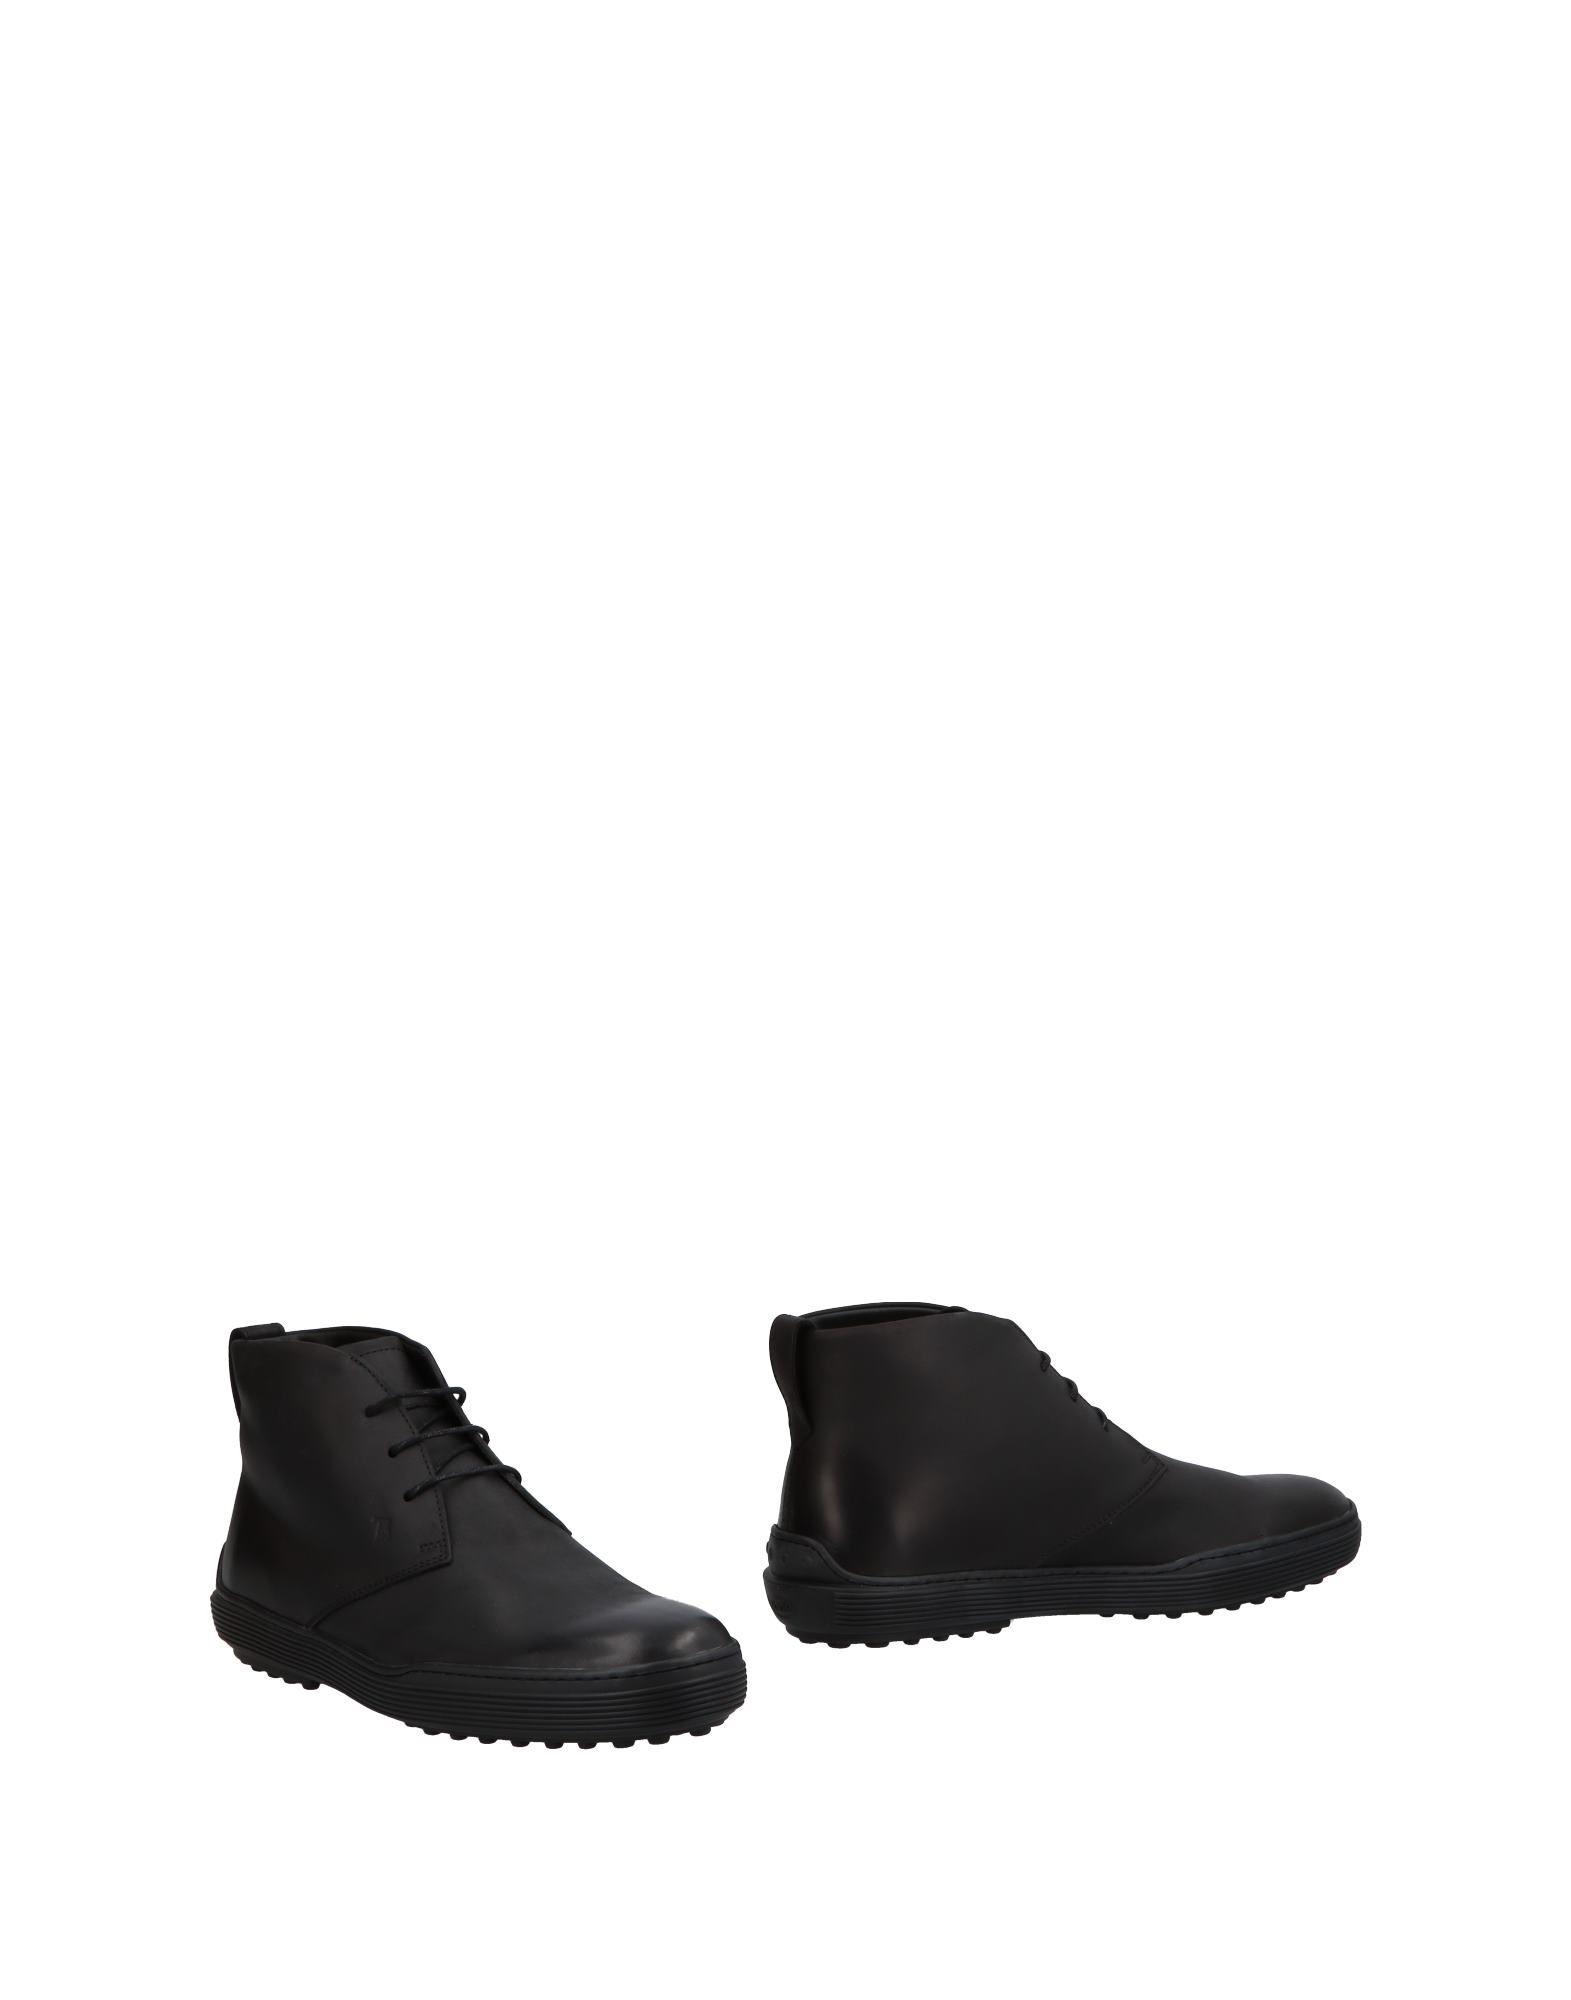 Tod's Stiefelette Herren  11500672DU Gute Qualität beliebte Schuhe